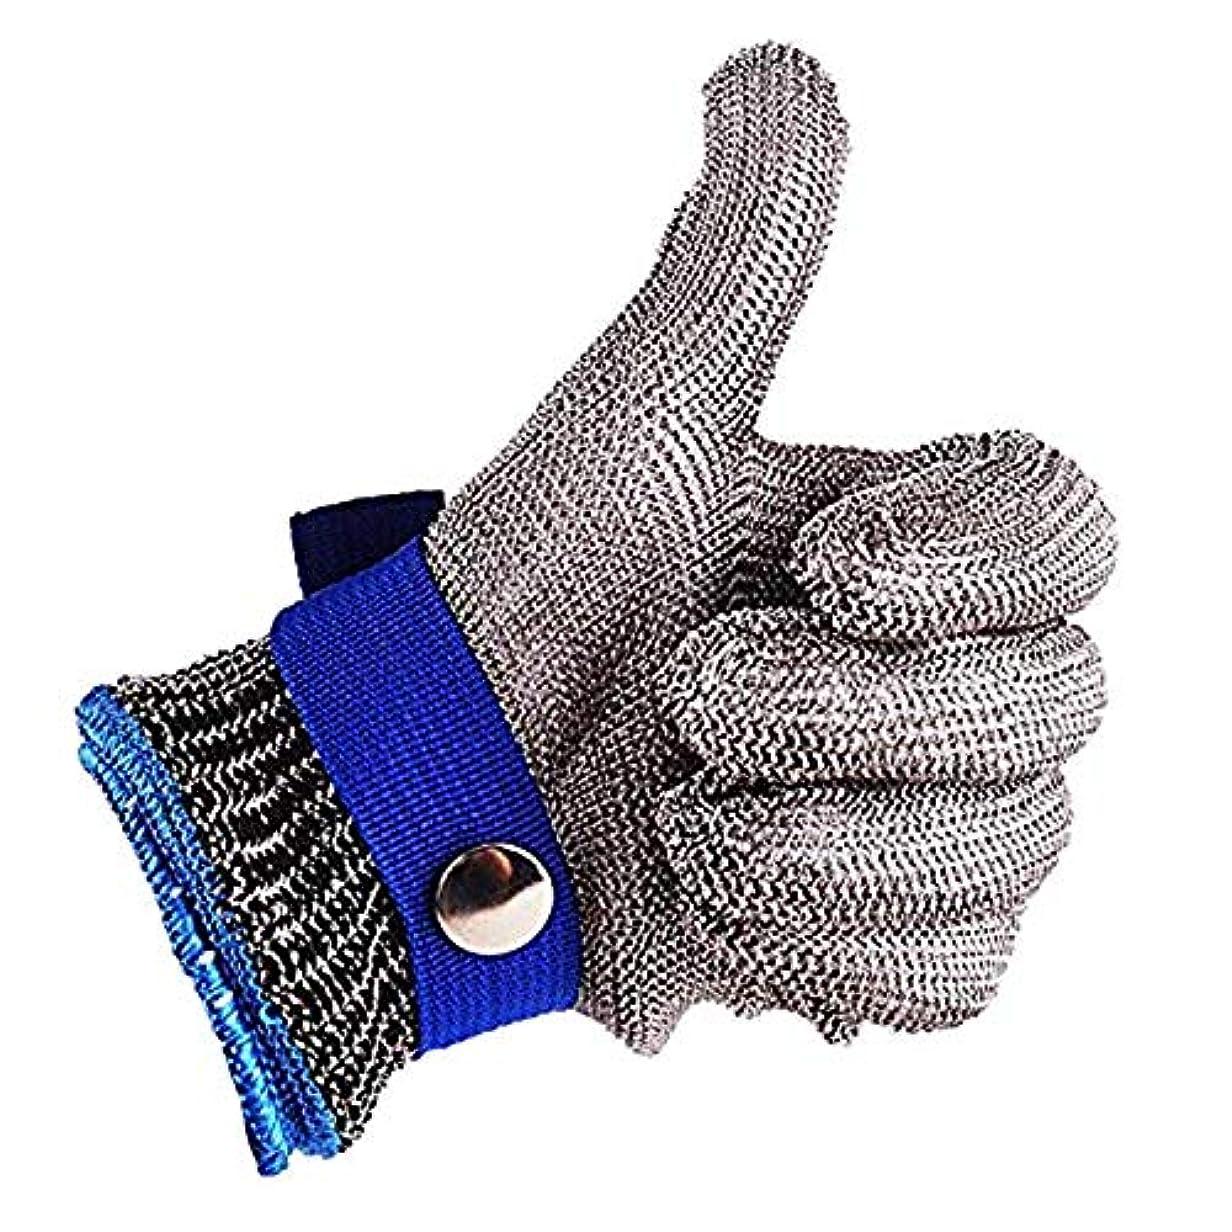 拘束ダイバー禁じる安全カット証明刺し耐性316Lステンレス鋼線ブッチャーグローブ高性能レベル5の保護,XL